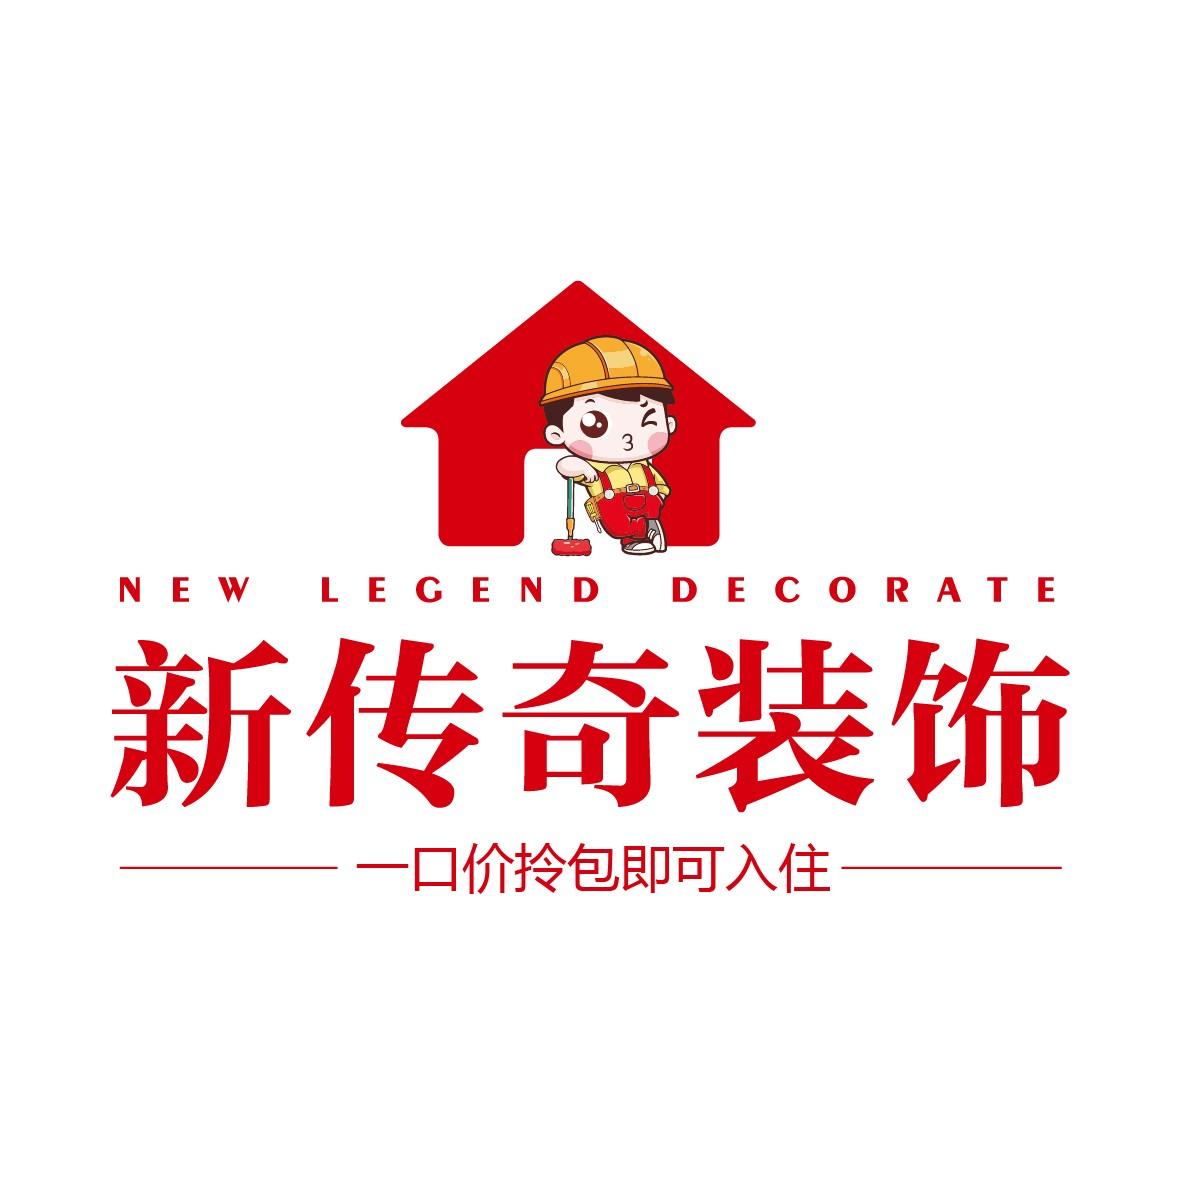 江西新传奇装饰工程有限公司莲塘分公司